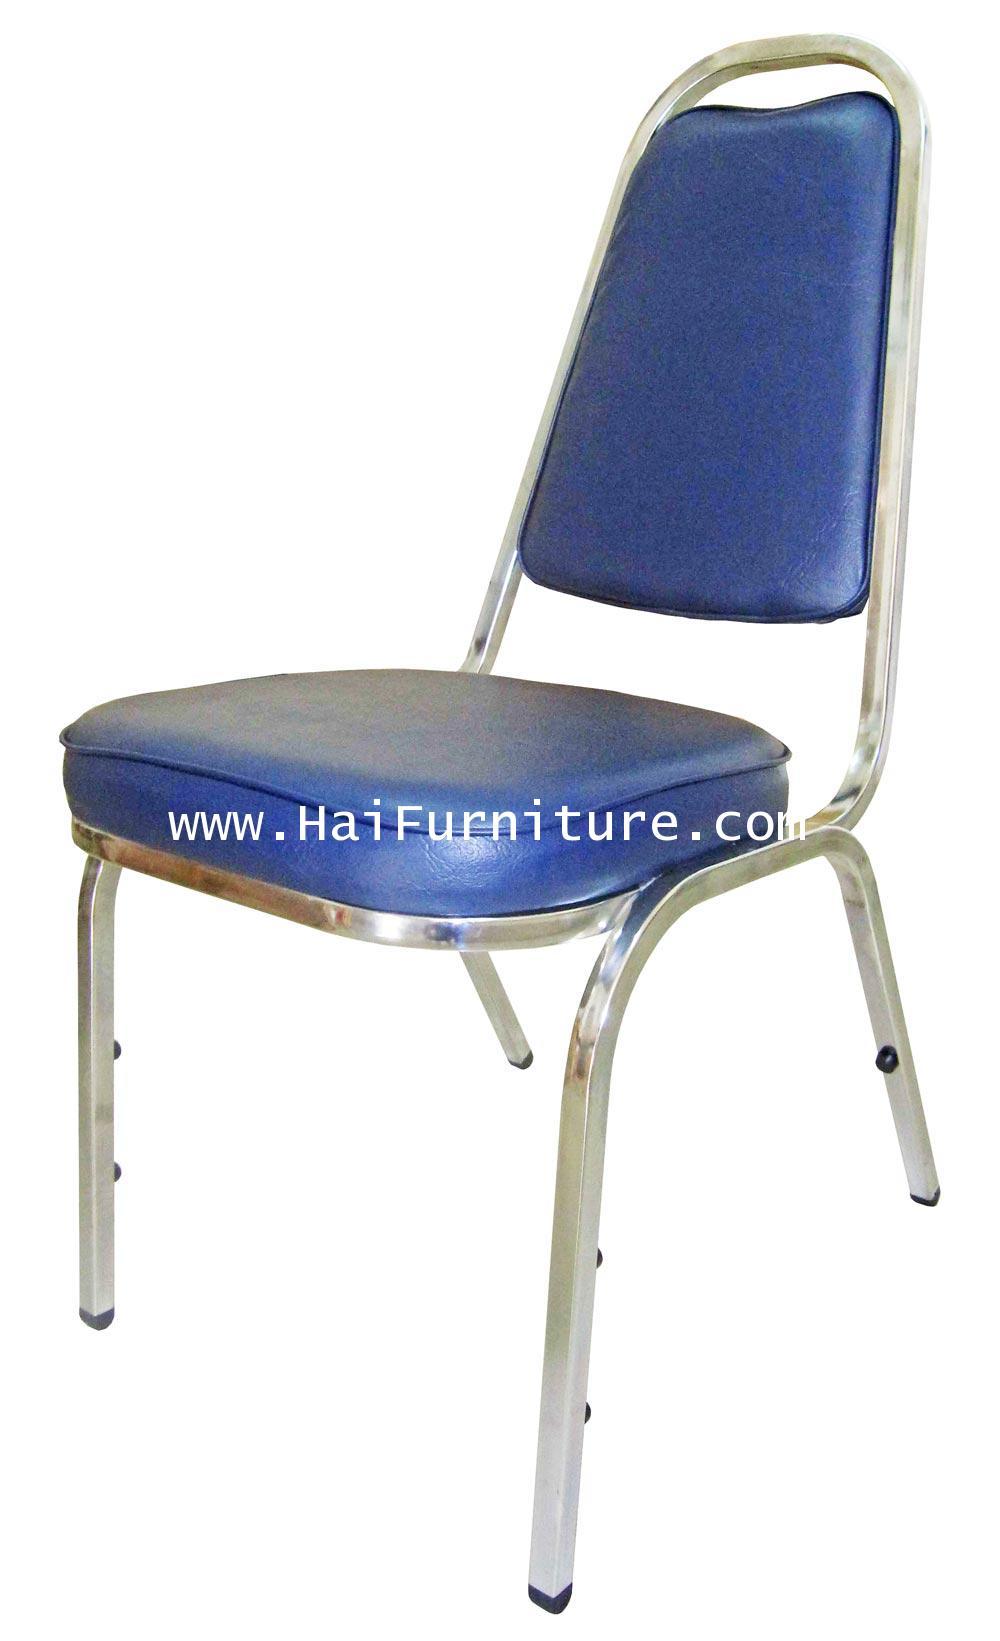 เก้าอี้จัดเลี้ยง มาตรฐาน เหล็กชุบโครเมี่ยม